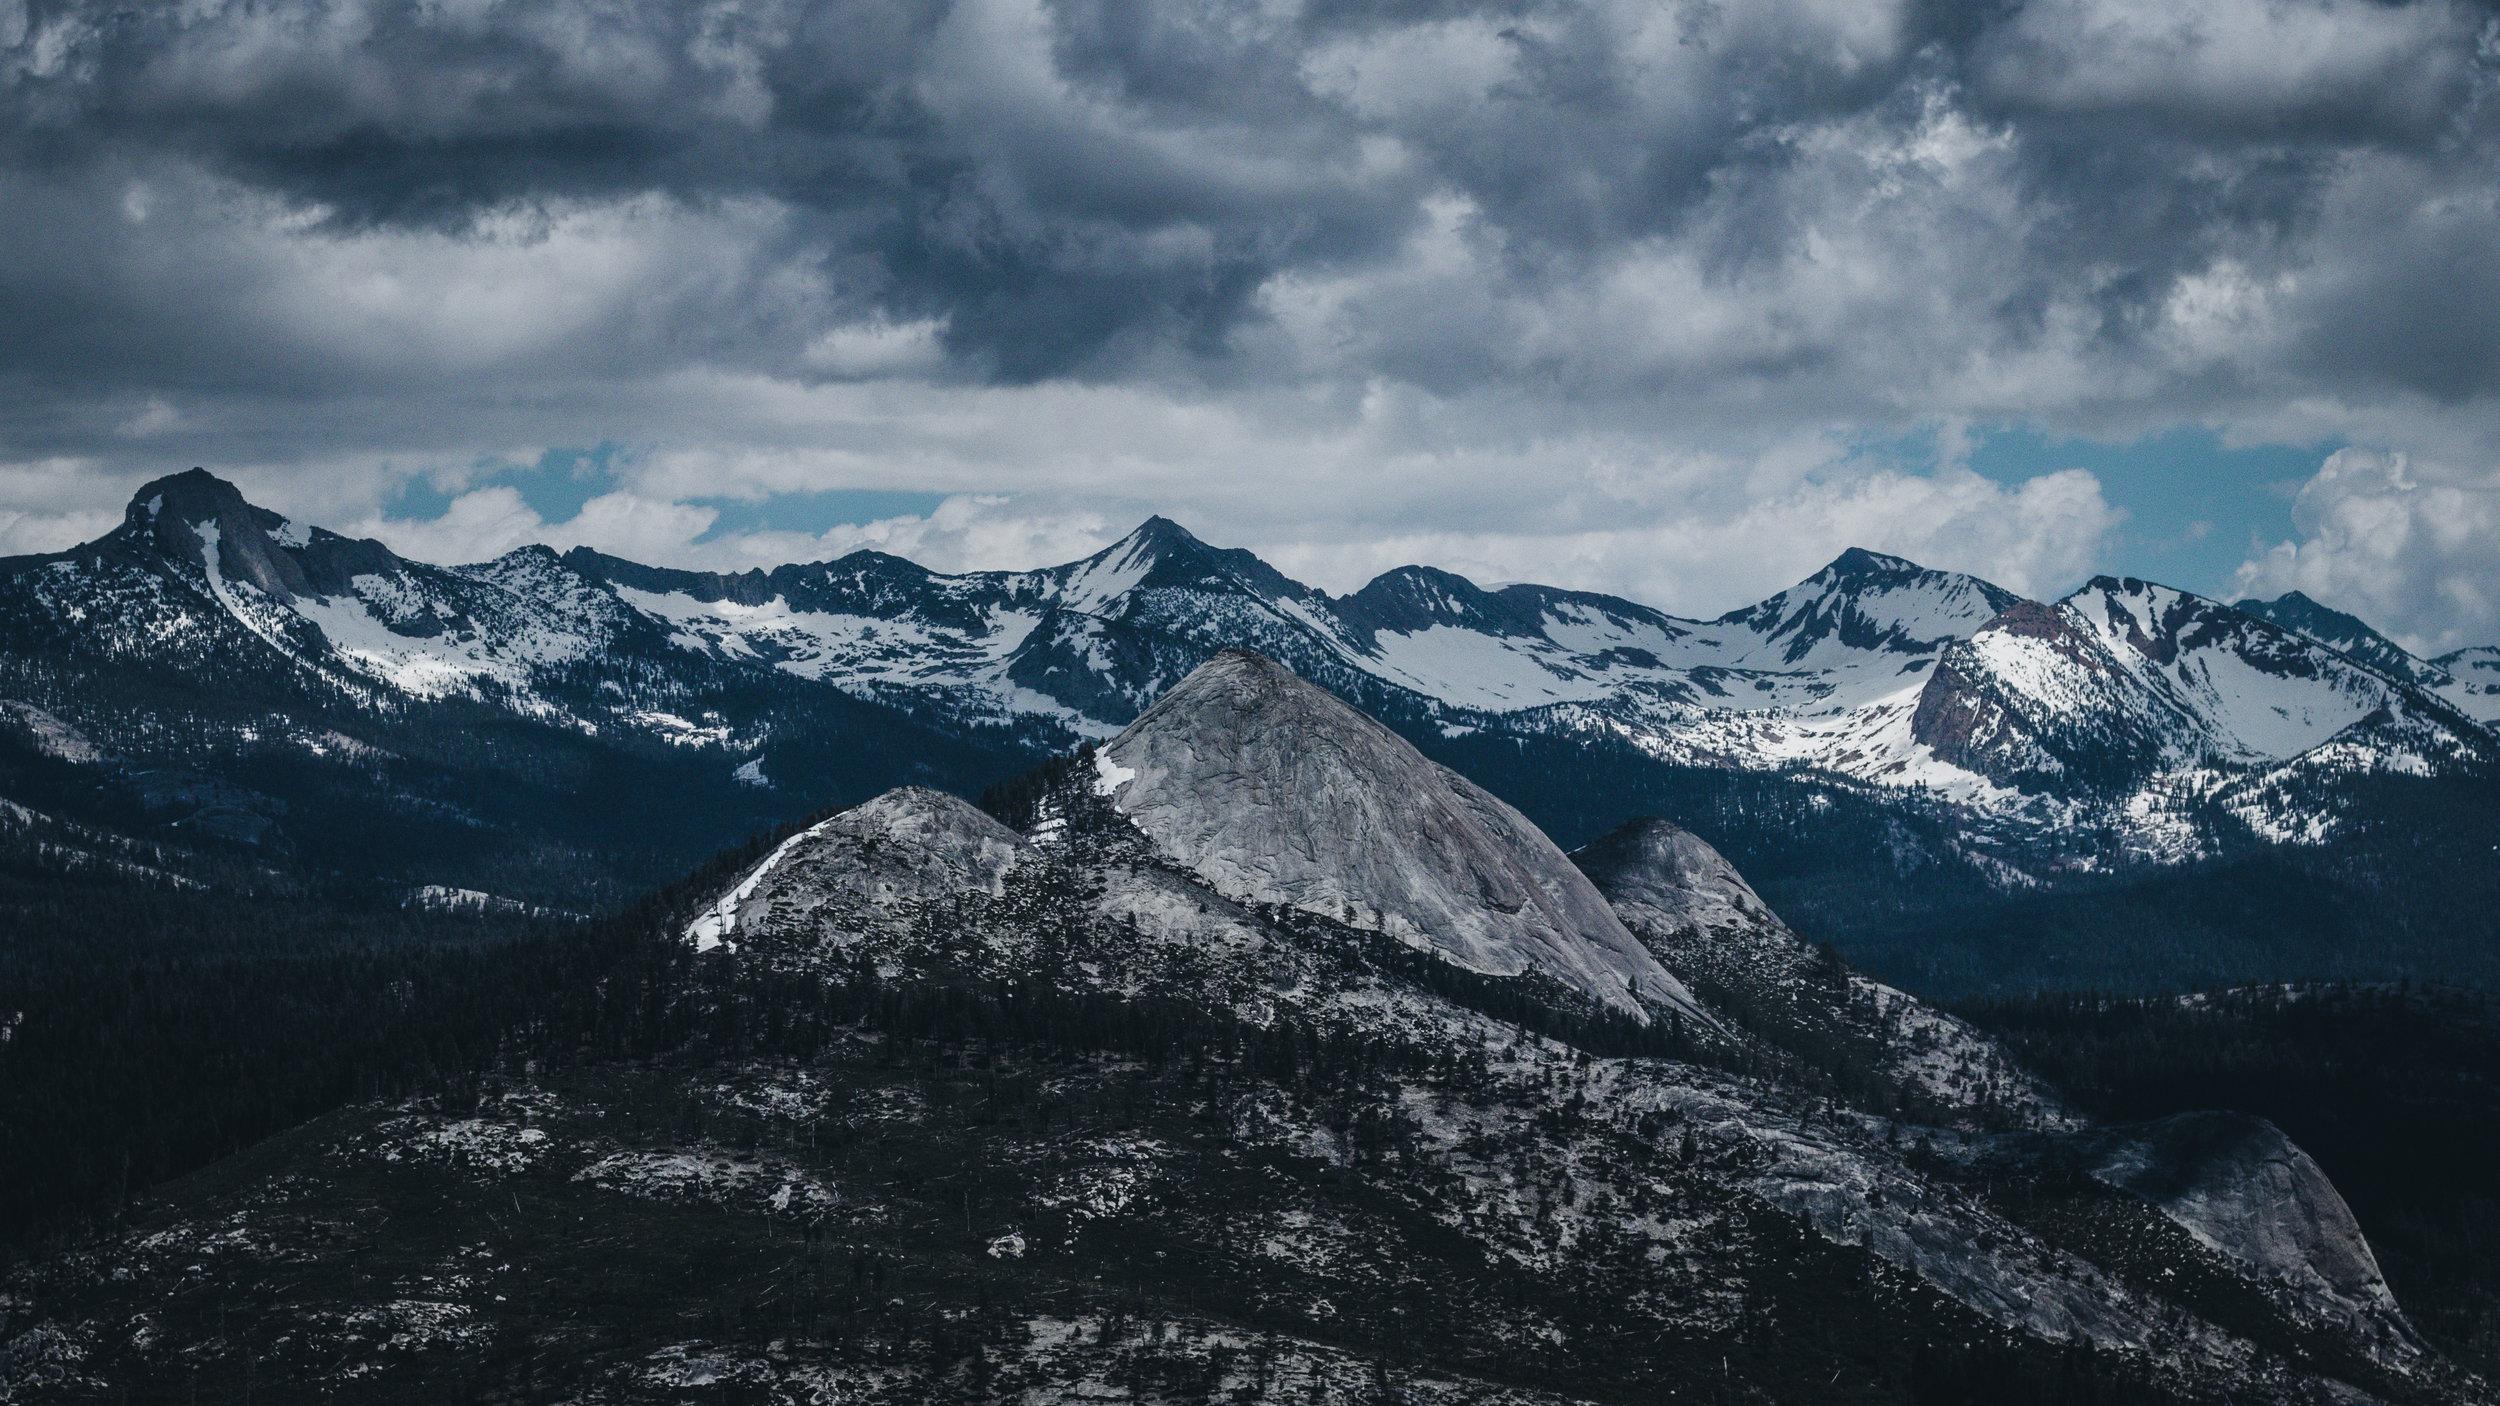 Mountains Yosemite - Herschl 5.jpg